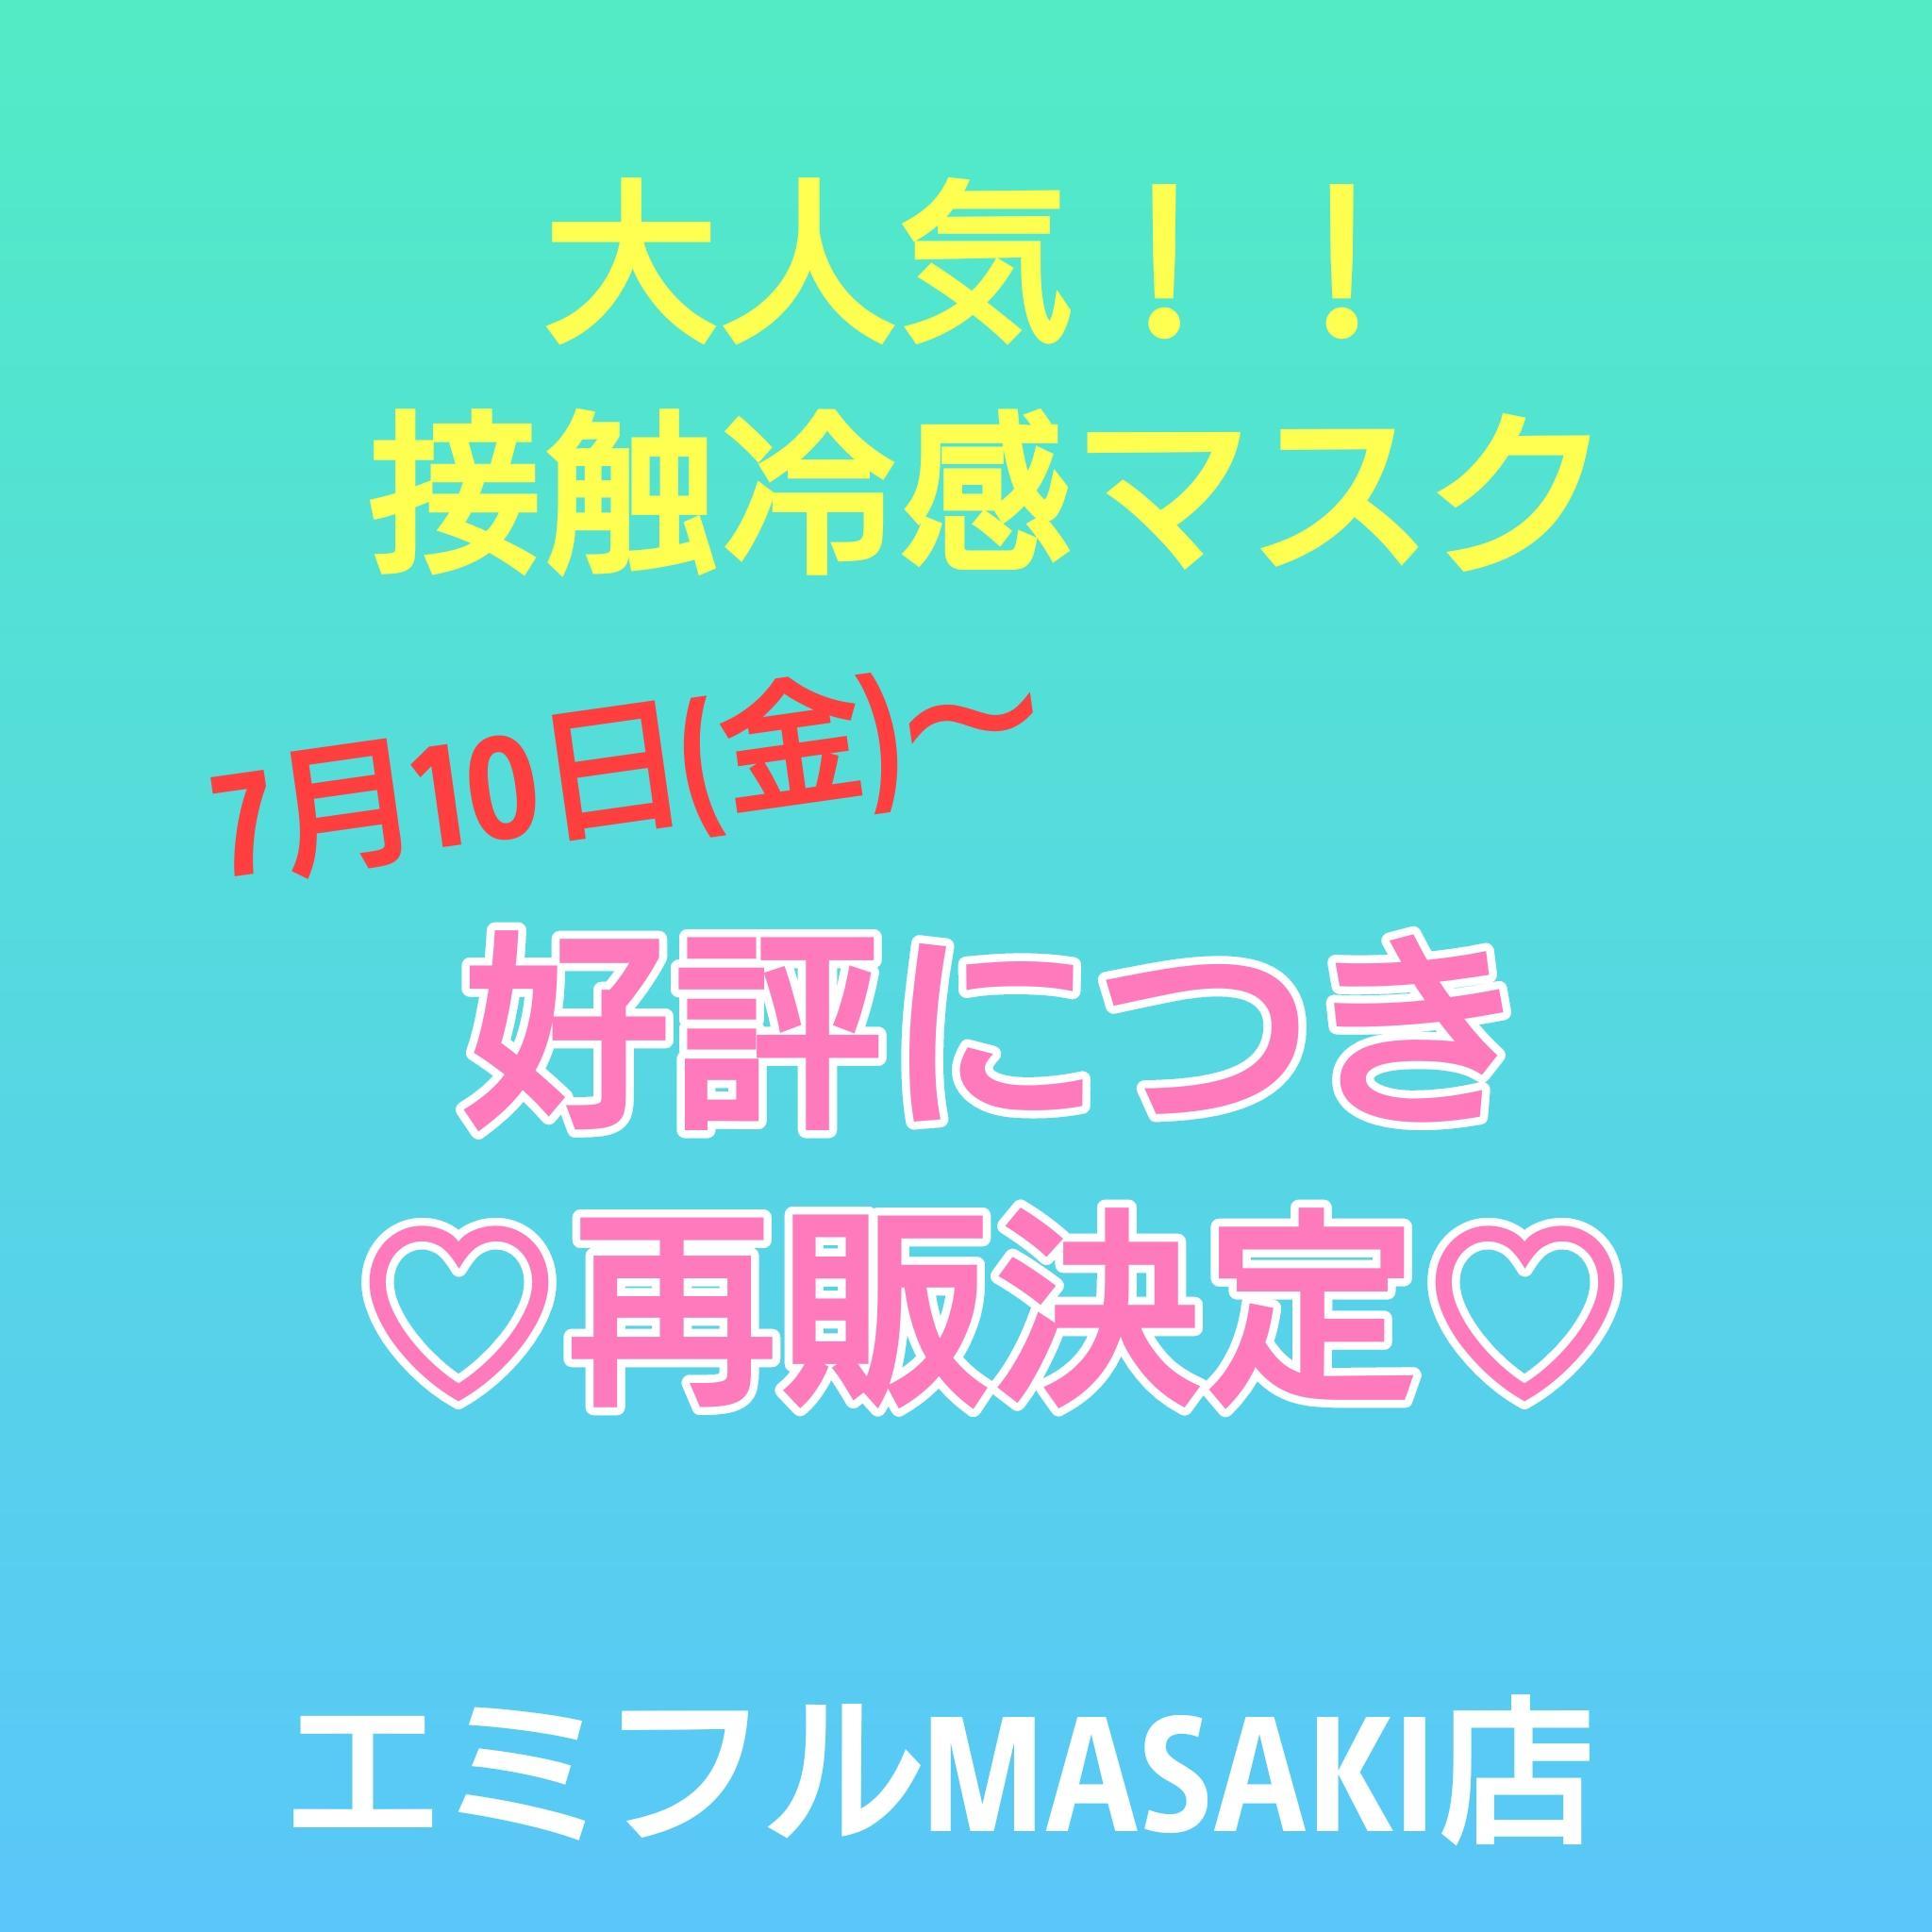 ☆大人気マスク☆再販決定!!